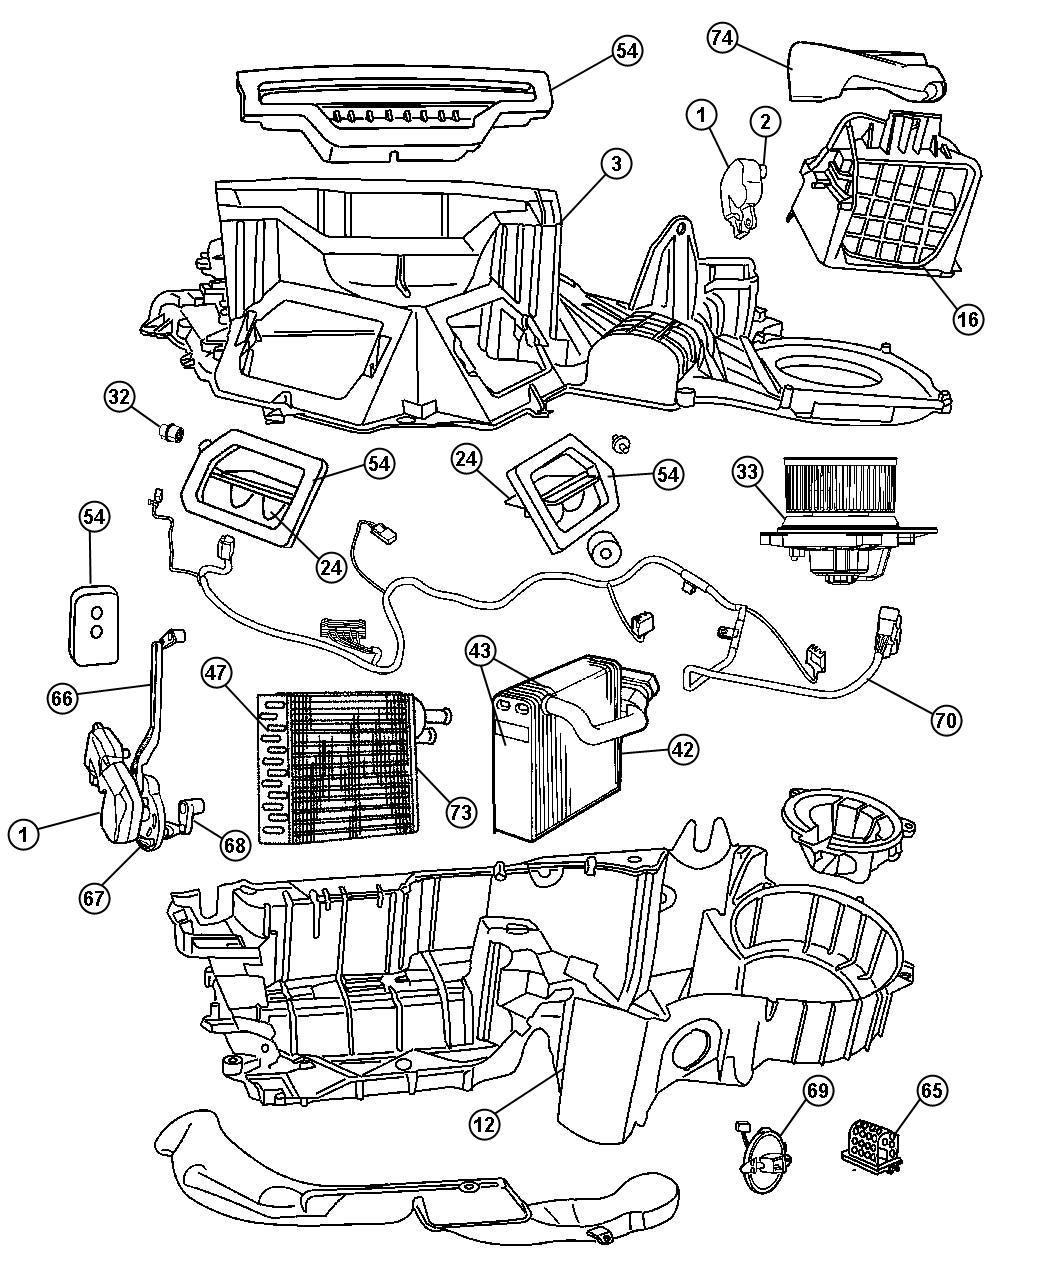 Dodge Durango Heater Diagram